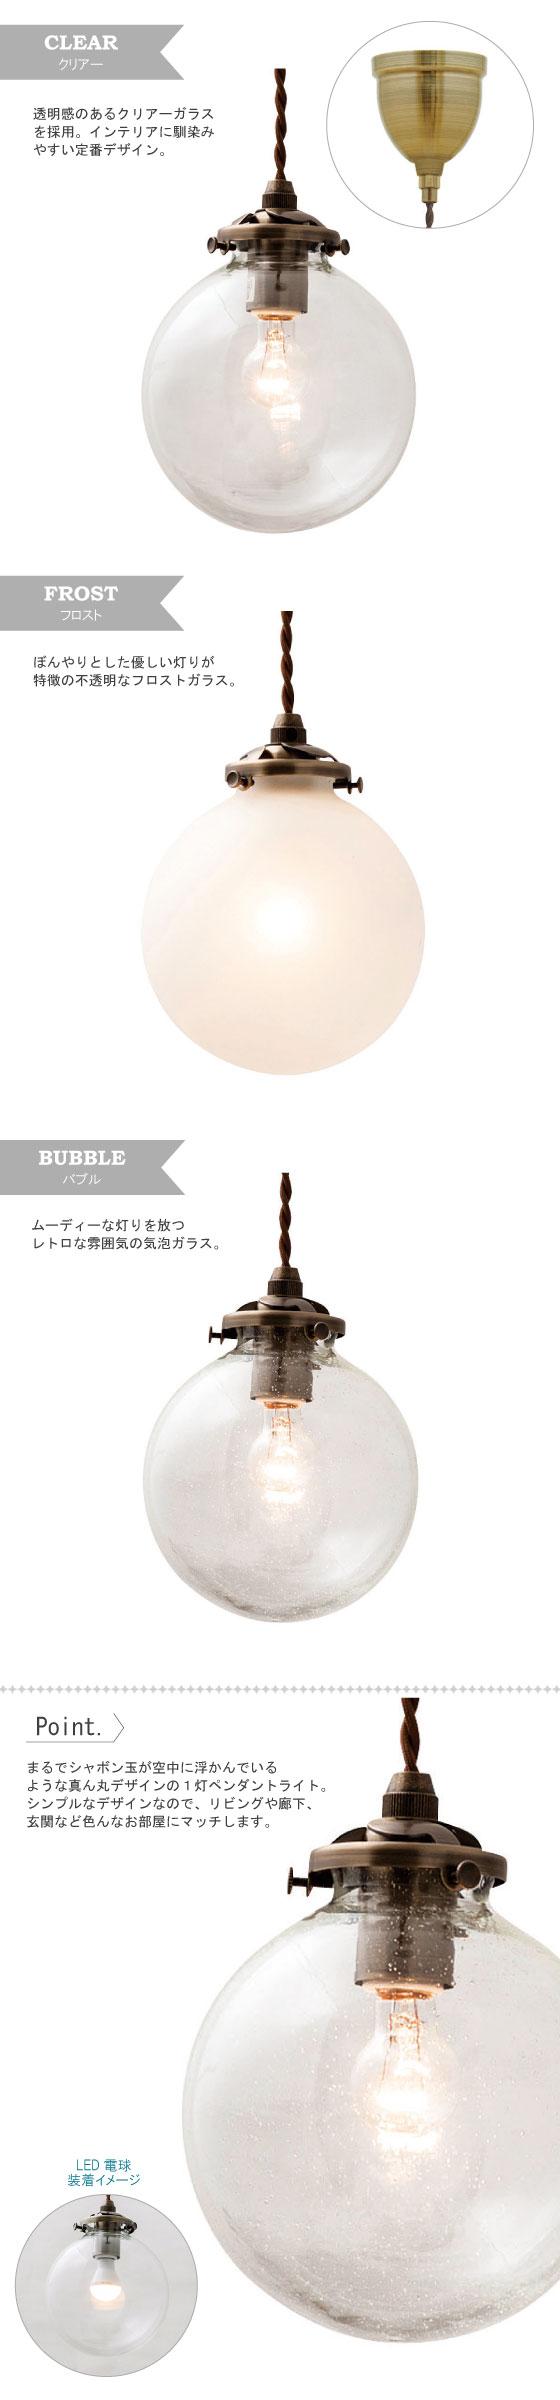 球体ガラス・ペンダントランプSサイズ(1灯)LED電球&ECO球使用可能